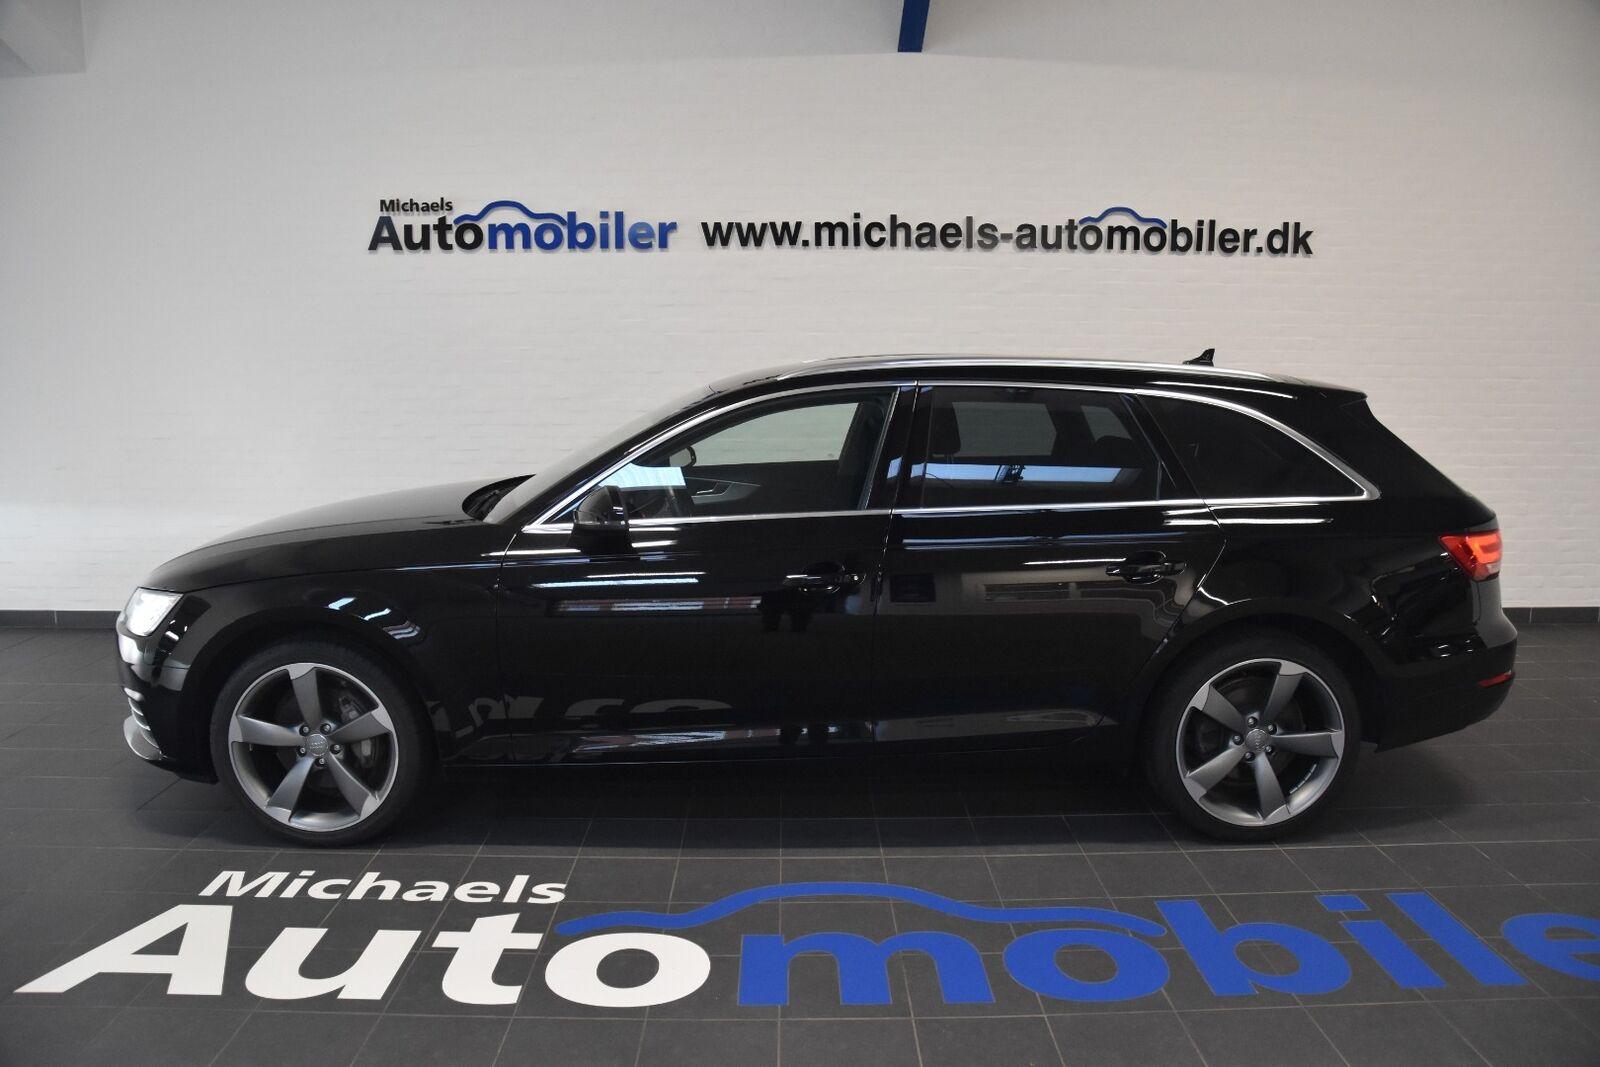 Audi A4 3,0 TDi 218 Sport Avant S-tr. 5d - 429.900 kr.